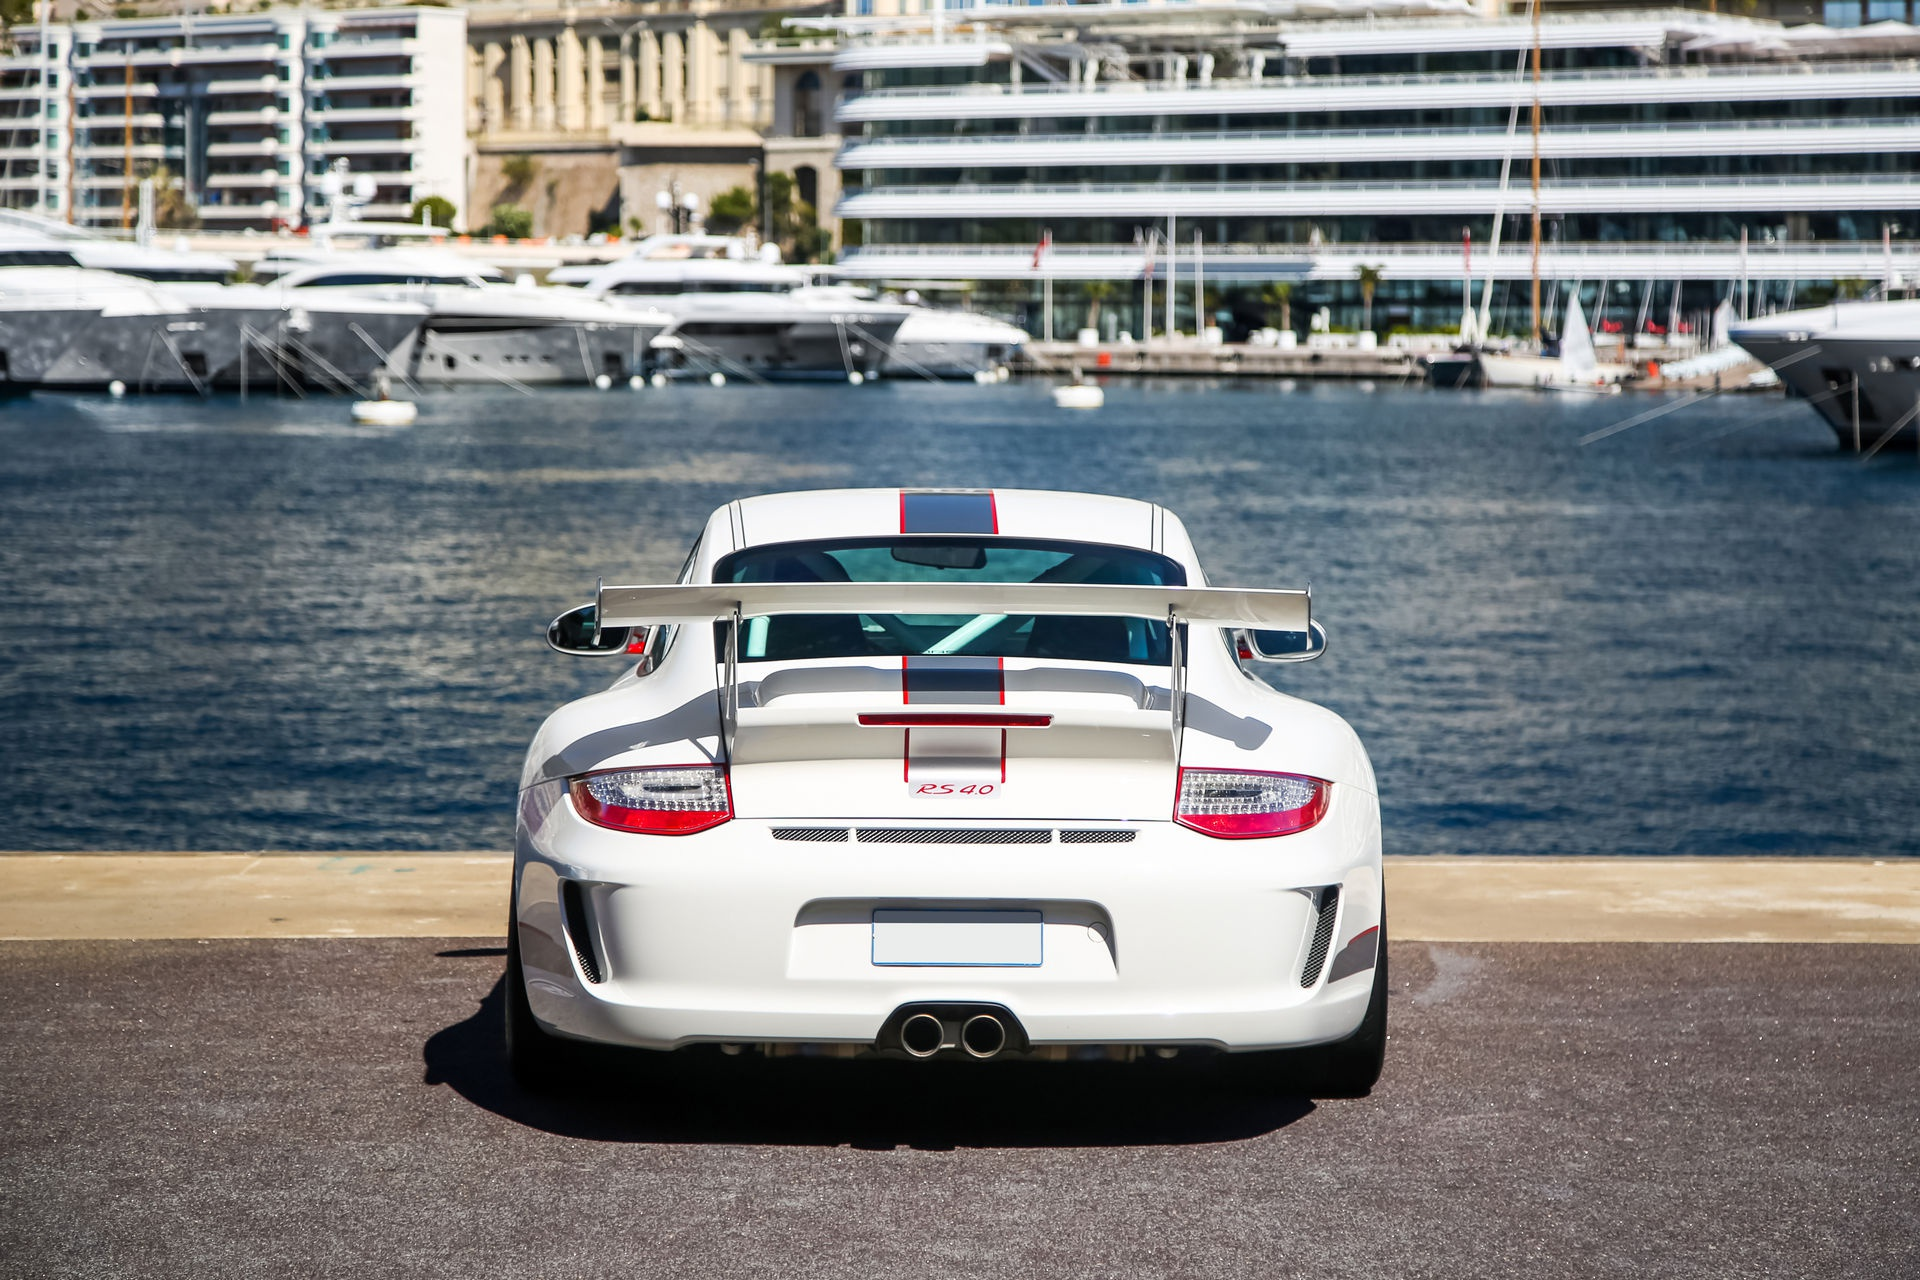 Ngam nhin Porsche 911 GT3 RS 4.0 2011 phien ban gioi han dac biet anh 4